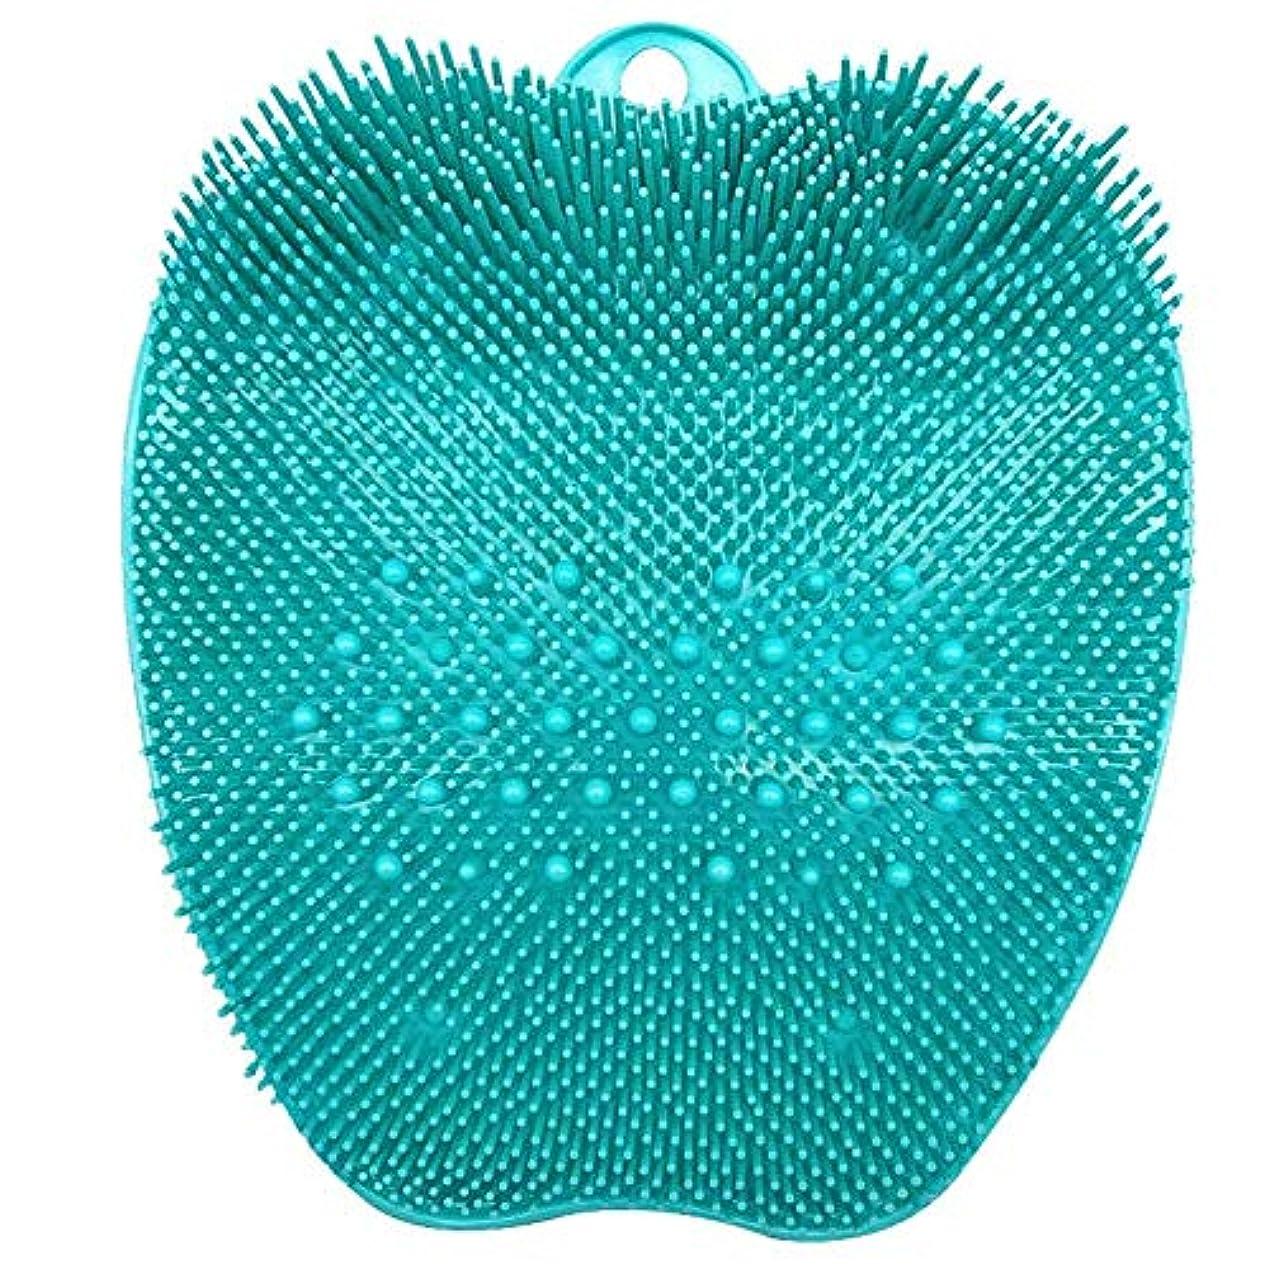 大理石約瞑想的BULemonフットスクラブマッサージクッション入浴フットブラシ深い角質除去SPAシリコンフットクリーニングマッサージクッションフットマッサージクッション